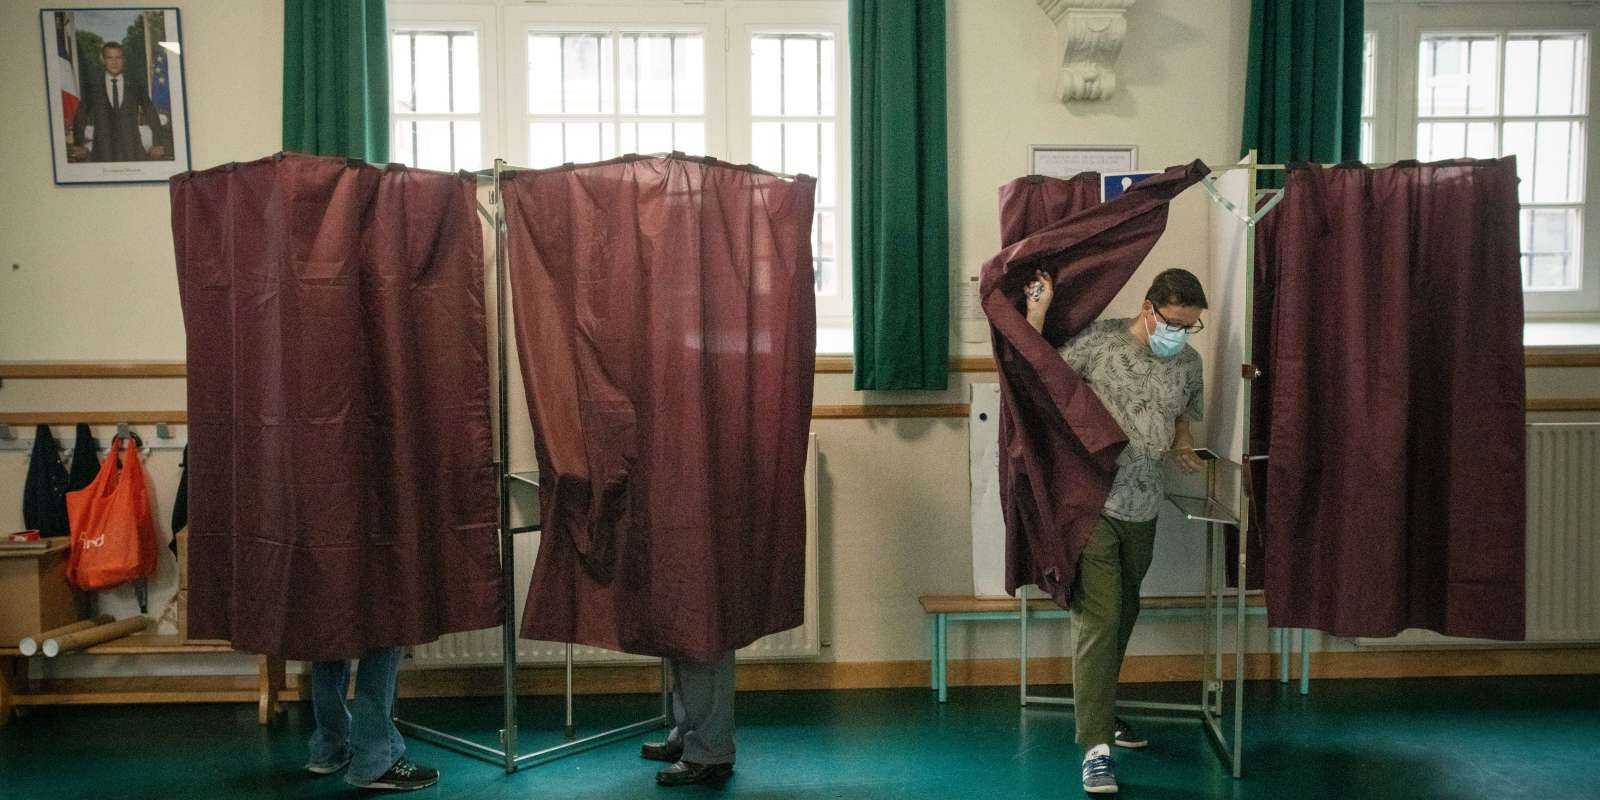 Bureau de vote de l'école élémentaire Louis Blanc à Paris, le 27 juin 2021.